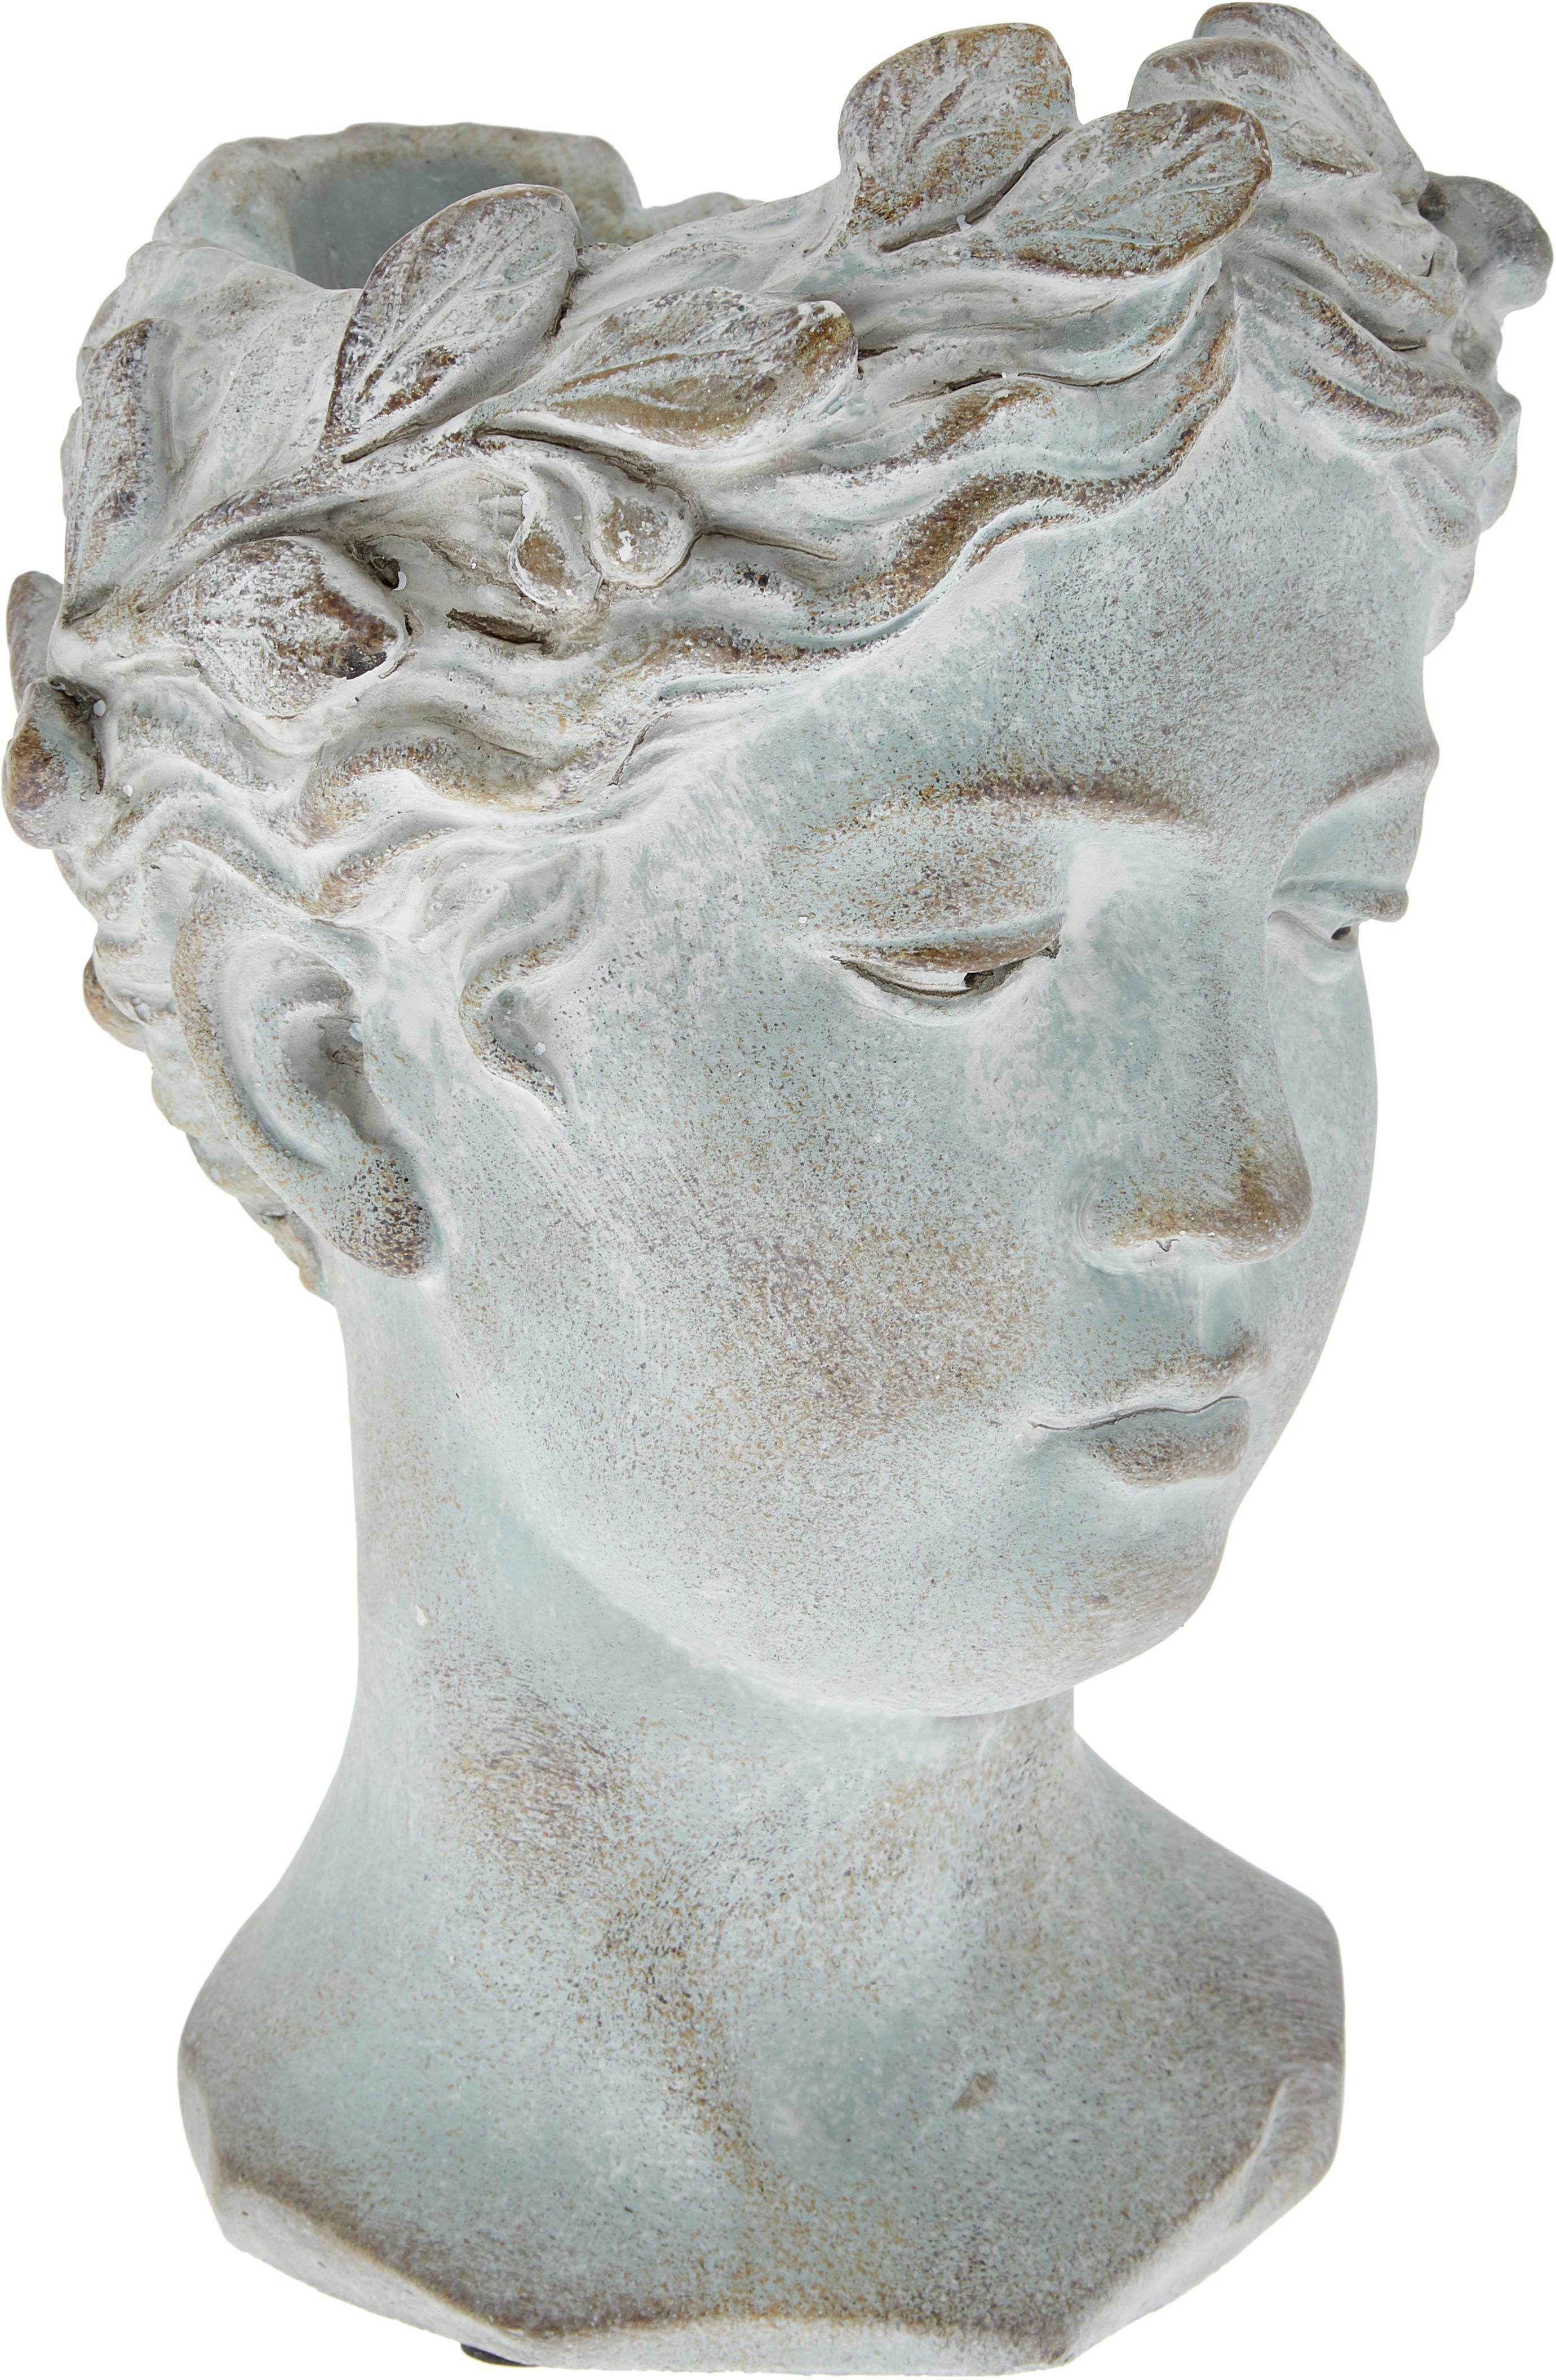 Osłonka na doniczkę Pass, Cement, Szary, matowy, Ø 18 x 27 cm